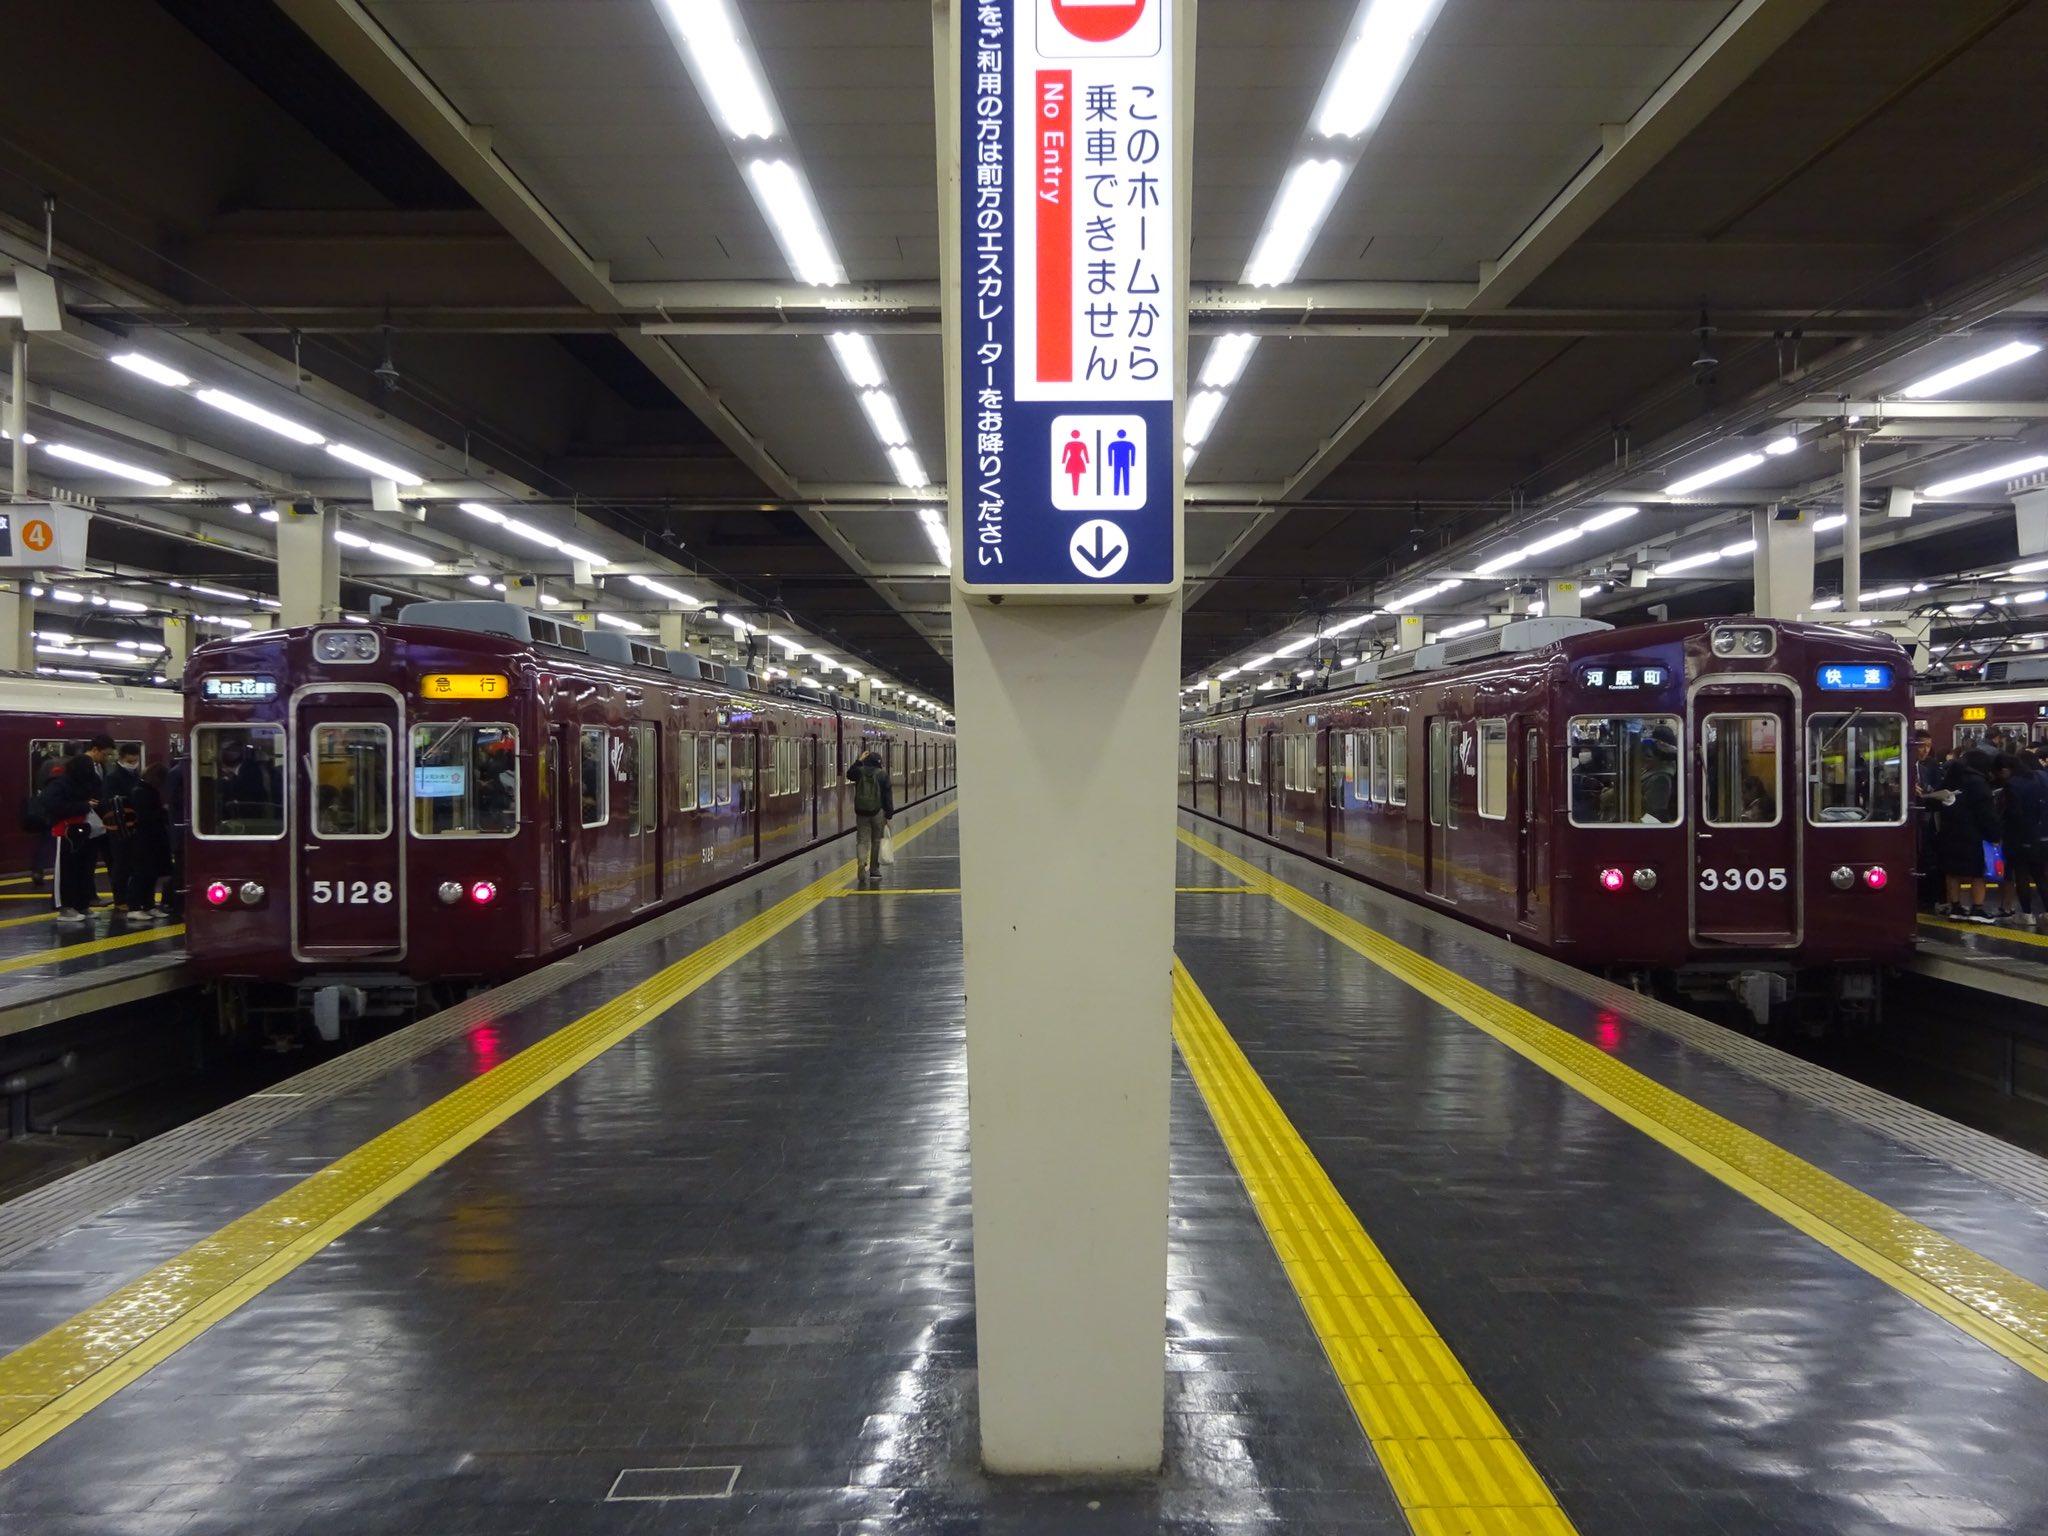 画像,阪急京都線、淡路駅ポイント故障の影響で運転見合せのため、3300系快速河原町行きと、5100系急行雲雀丘花屋敷行きが並びました。 https://t.co/hf…